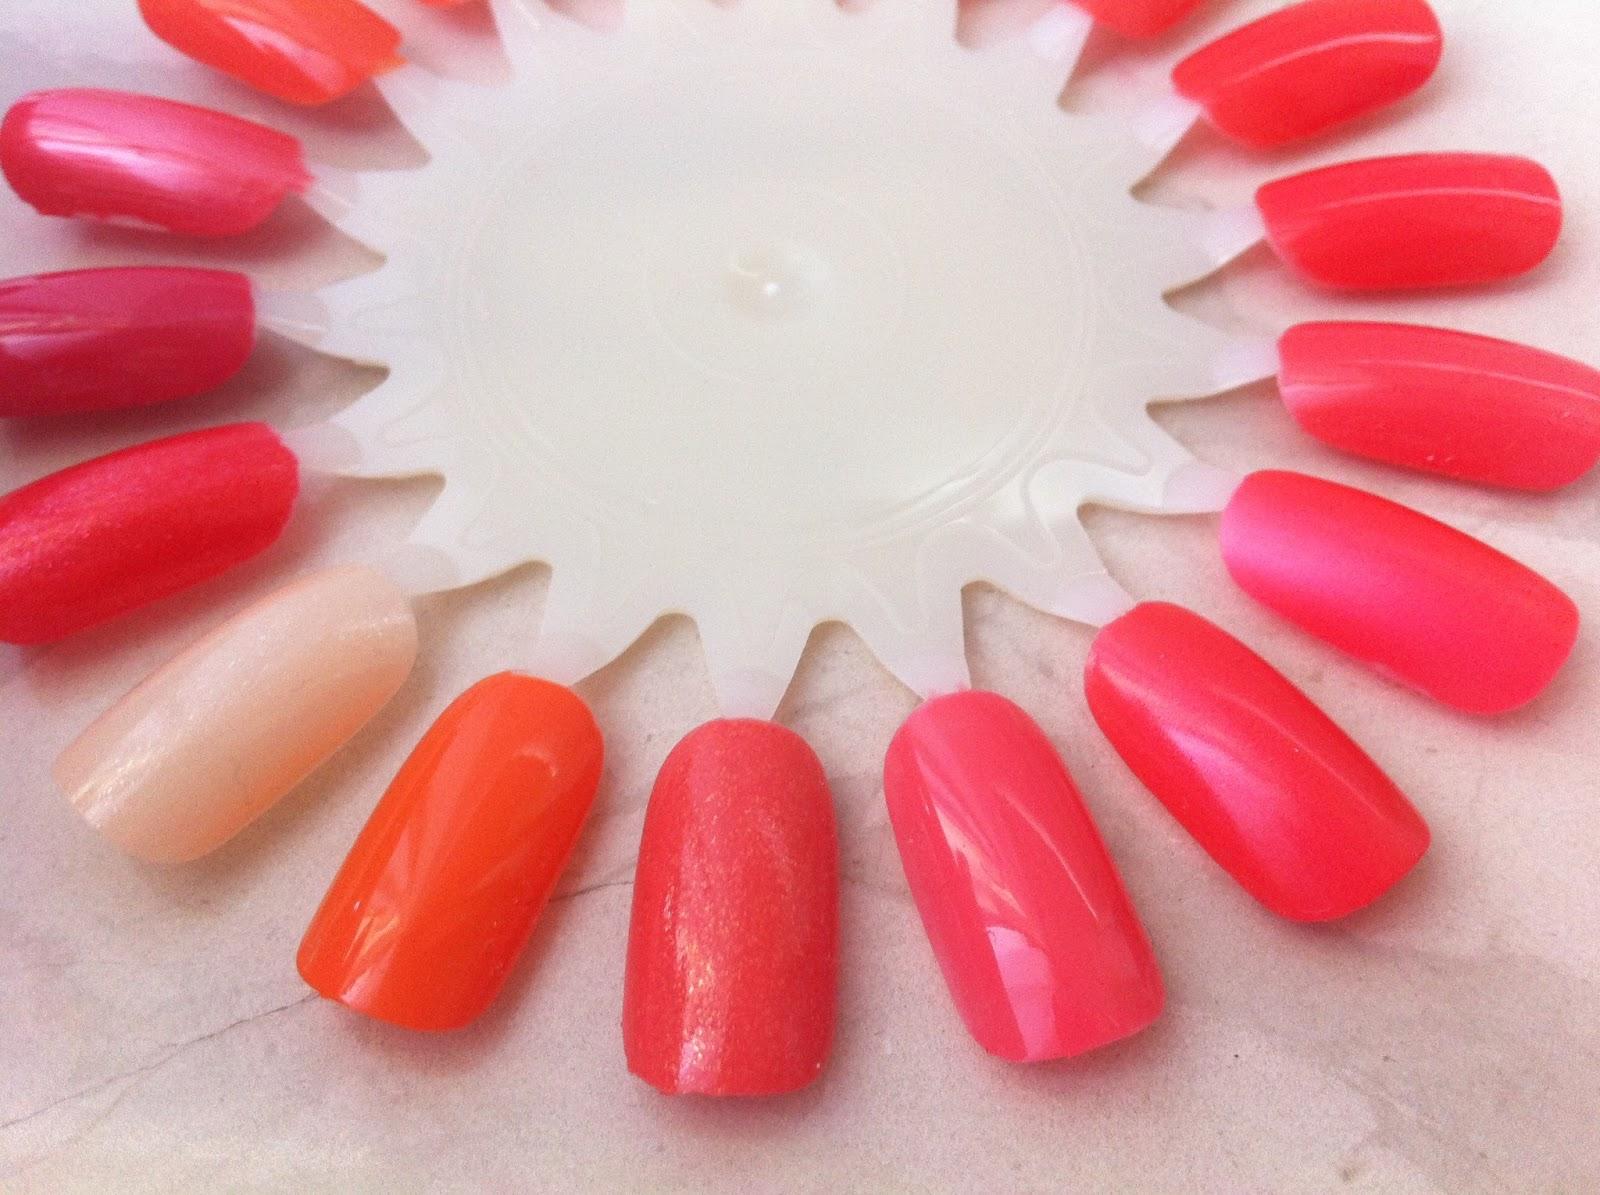 FairyAna: My nail polish stash: orange